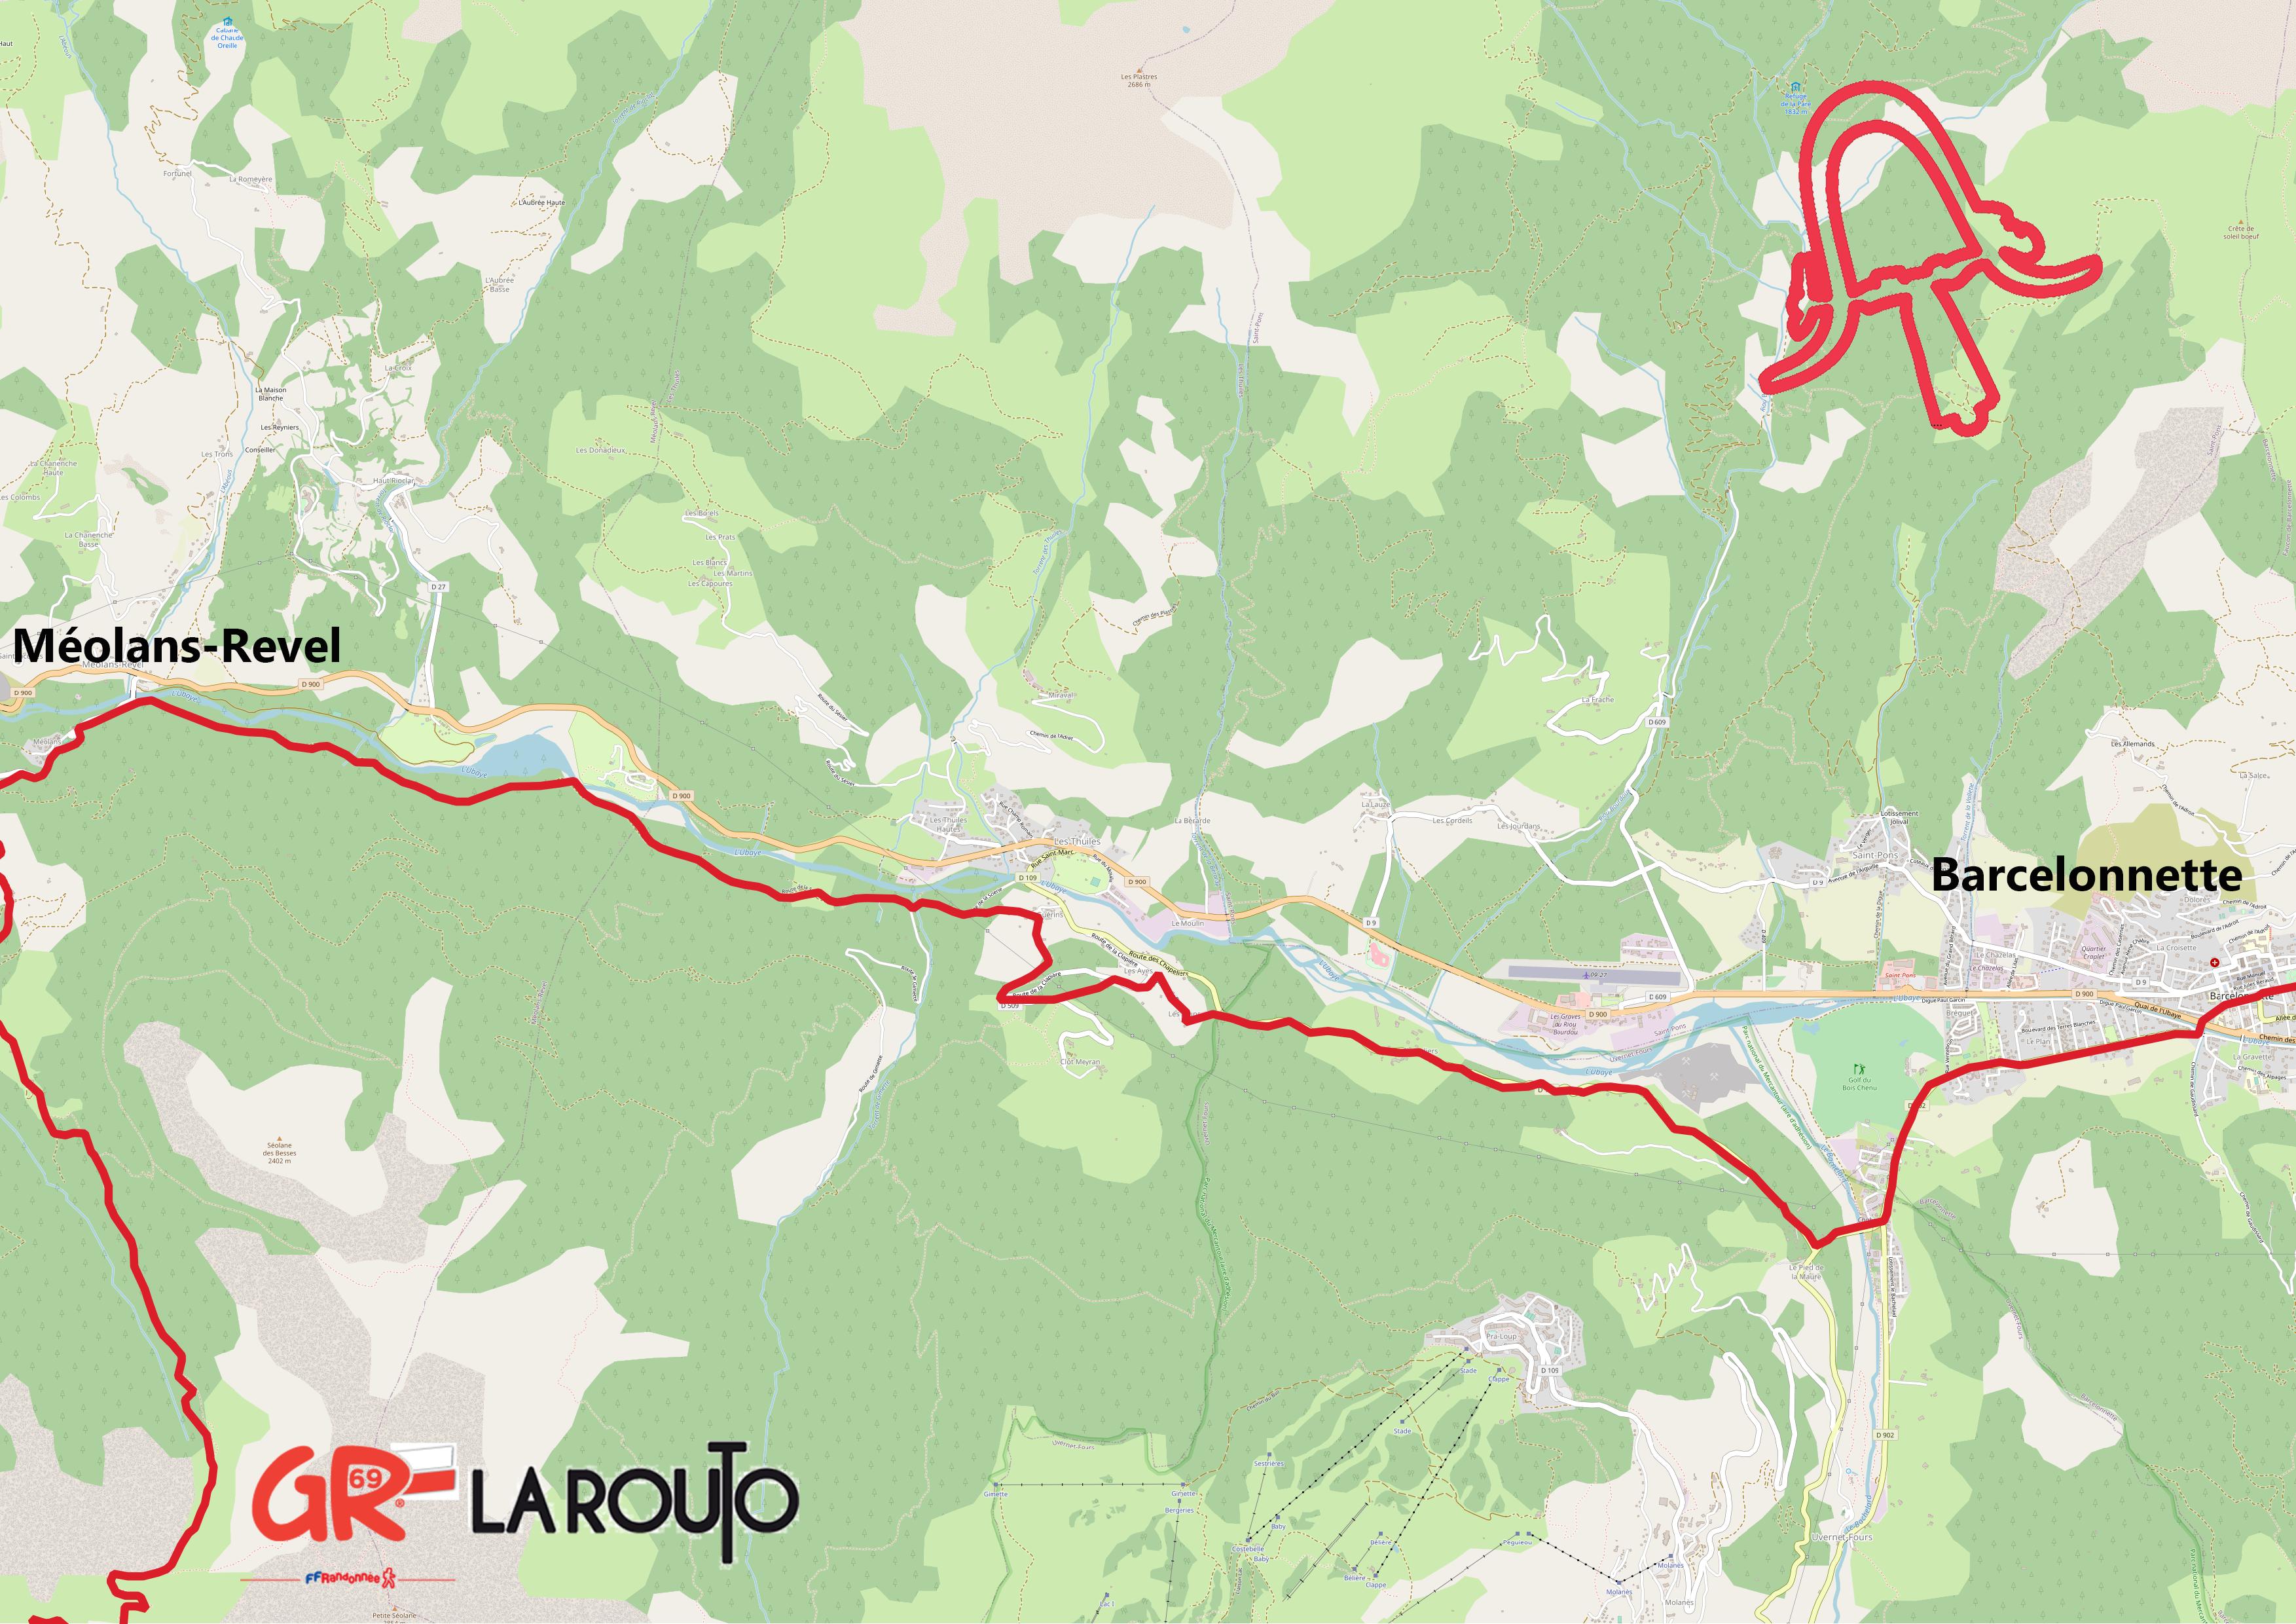 etape-21-meolans-revel-barcelonnette